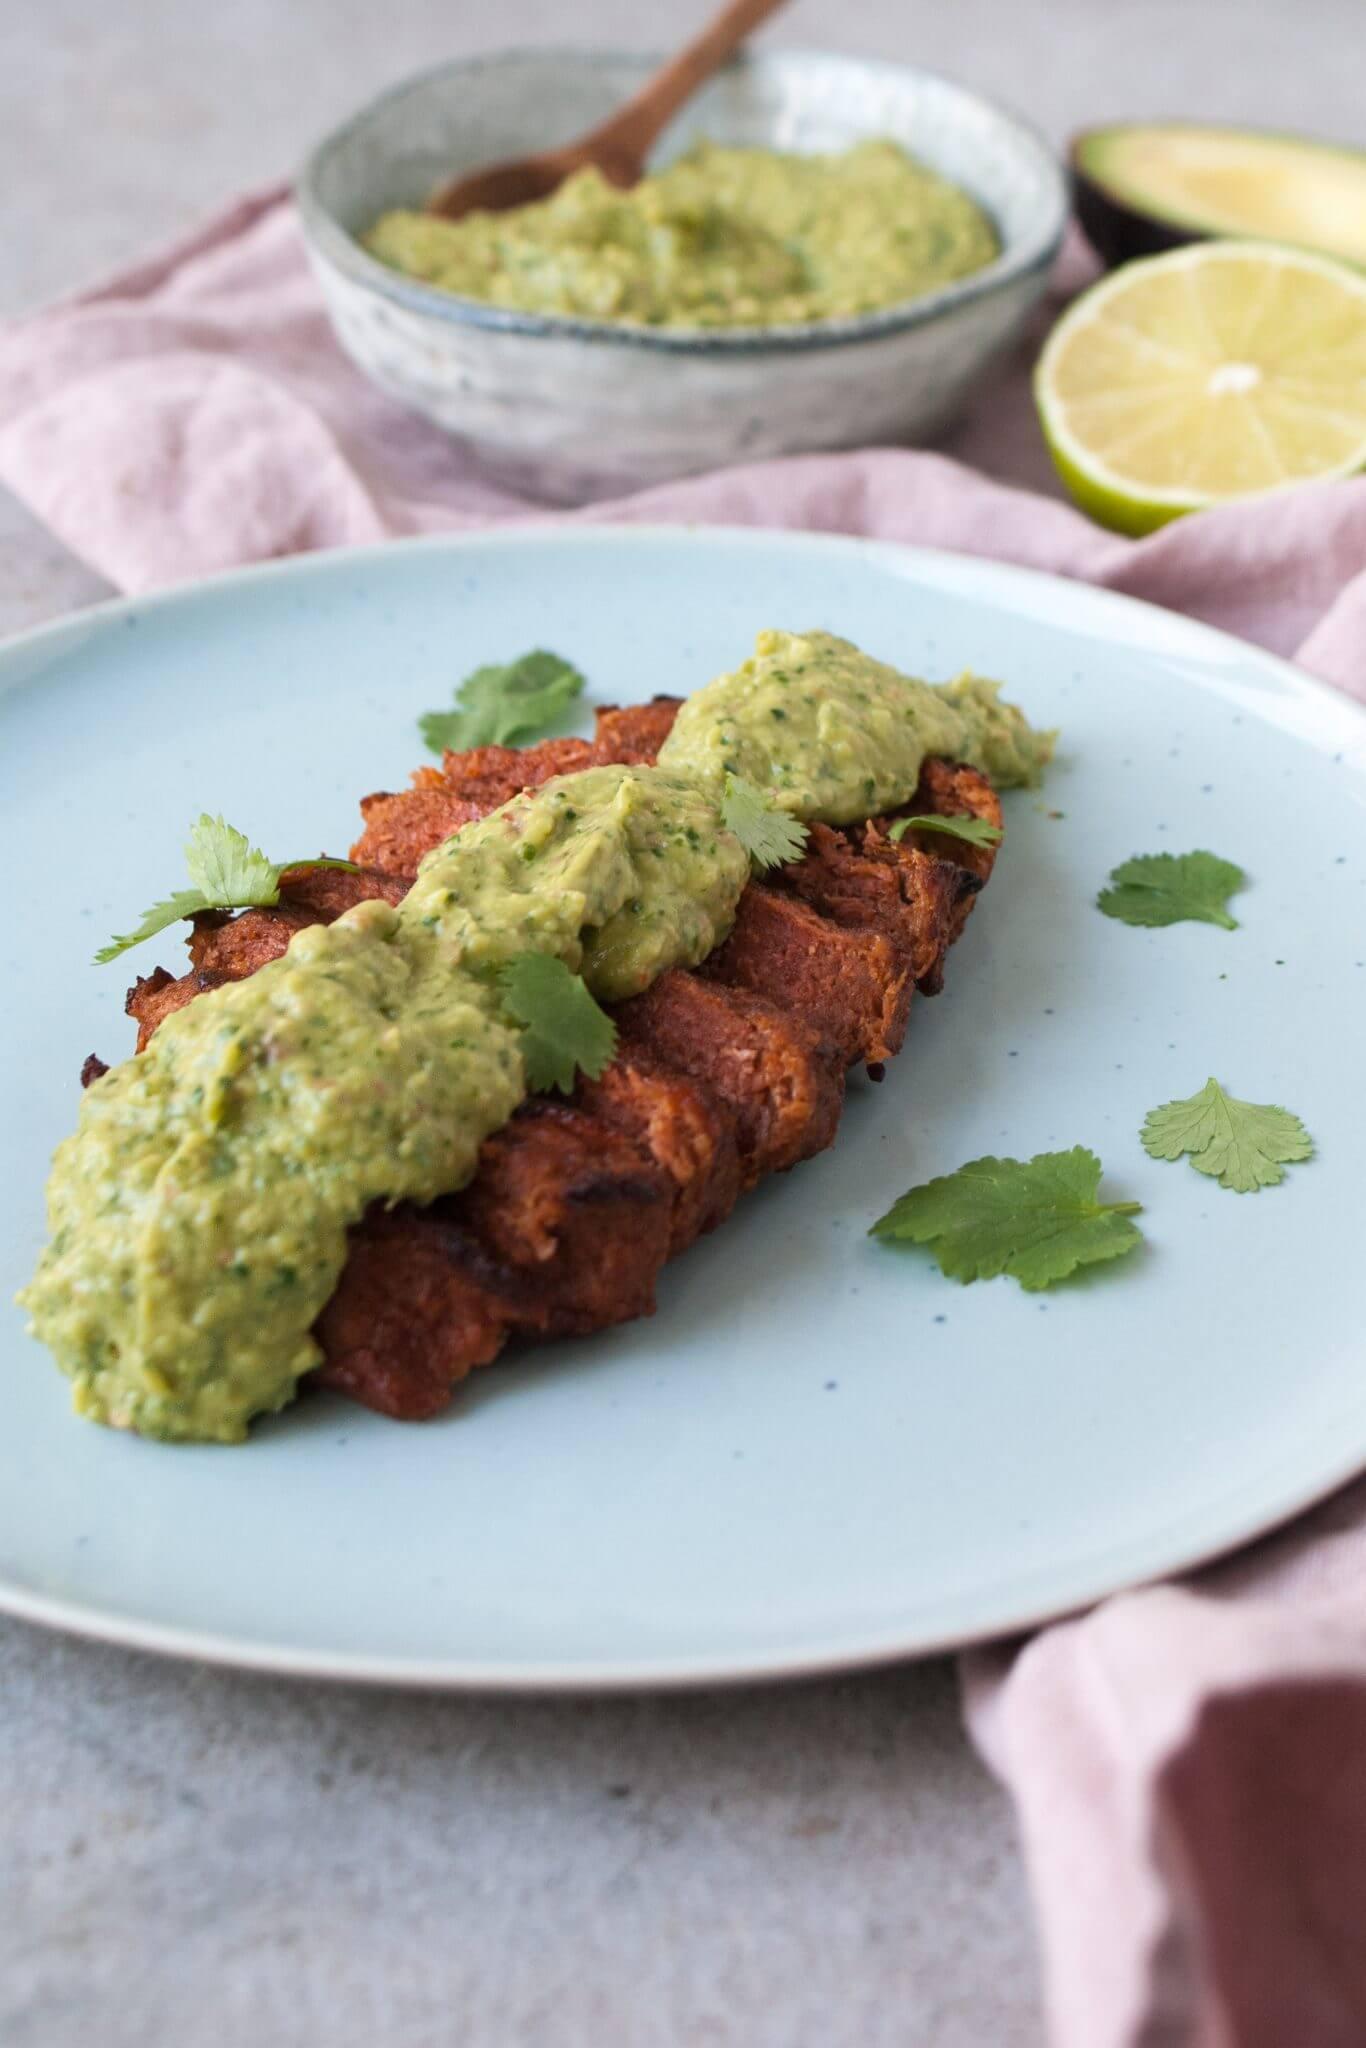 vega-biefstuk-met-avocado-chimichurri